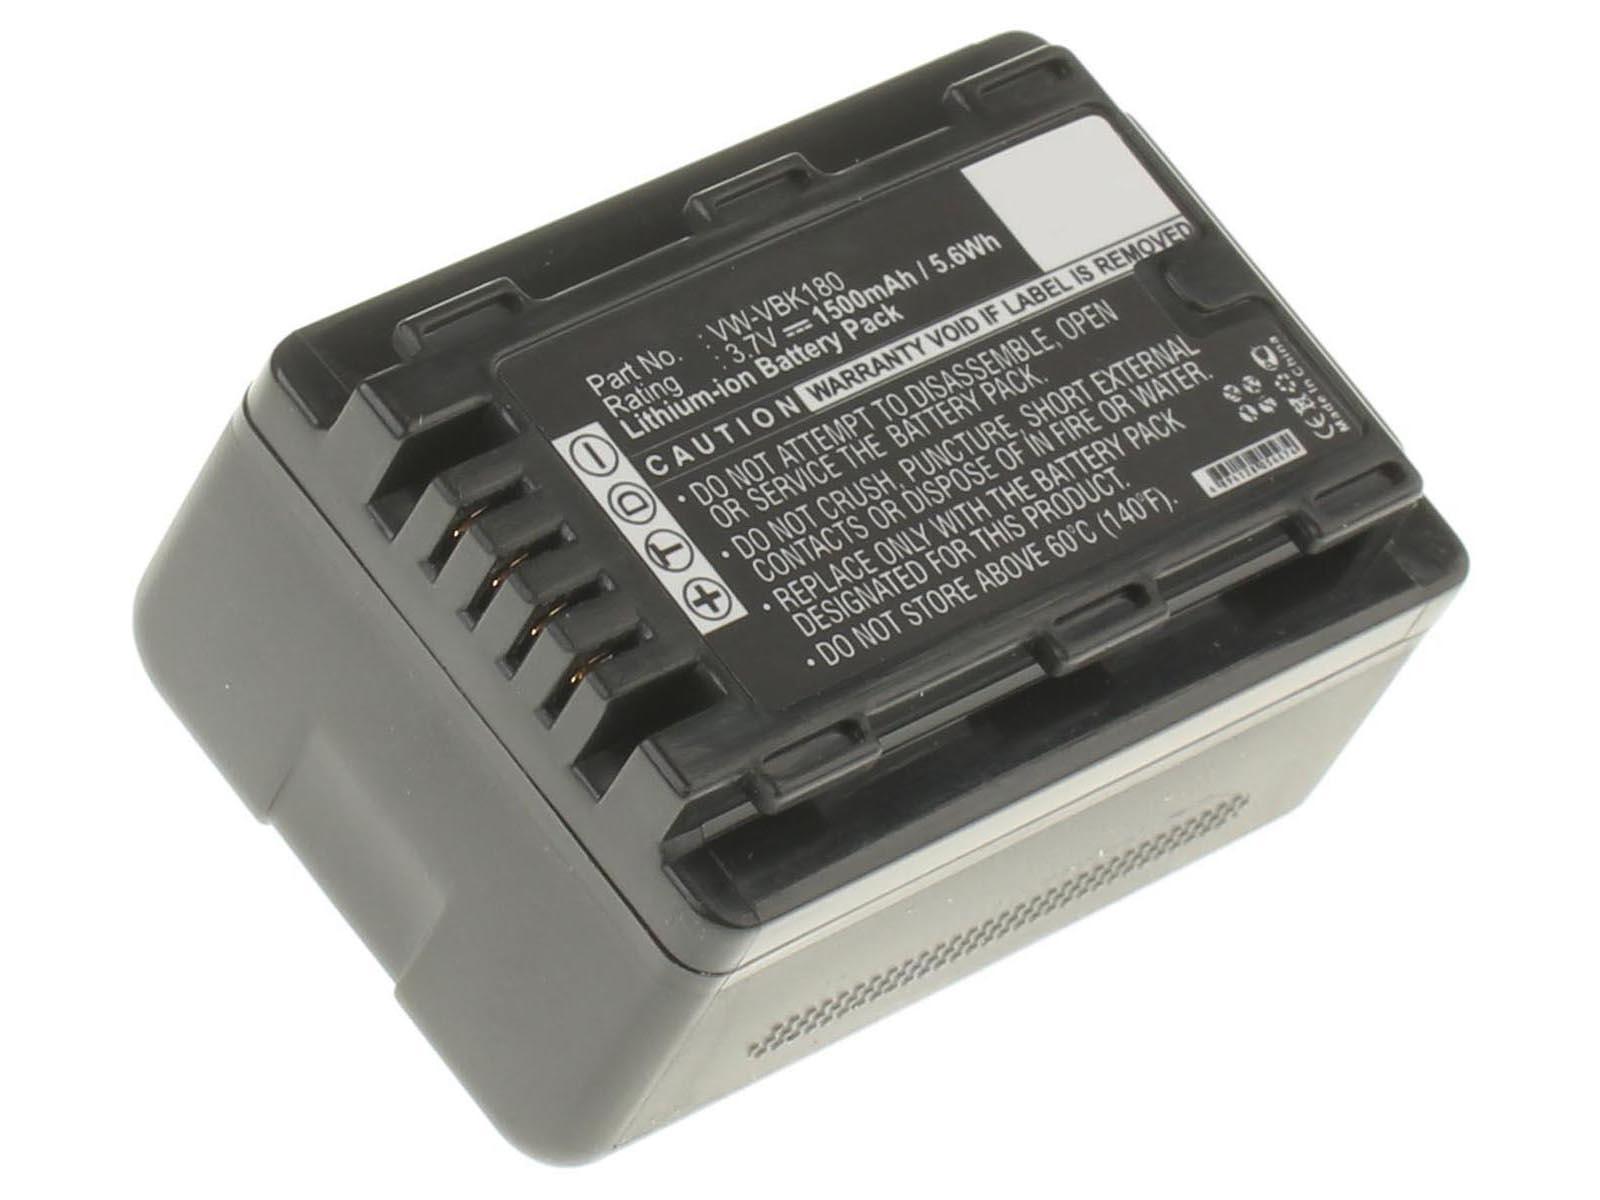 Аккумуляторные батареи для фотоаппаратов и видеокамер Panasonic HDC-SD40Емкость (mAh): 1500. Напряжение (V): 3,7